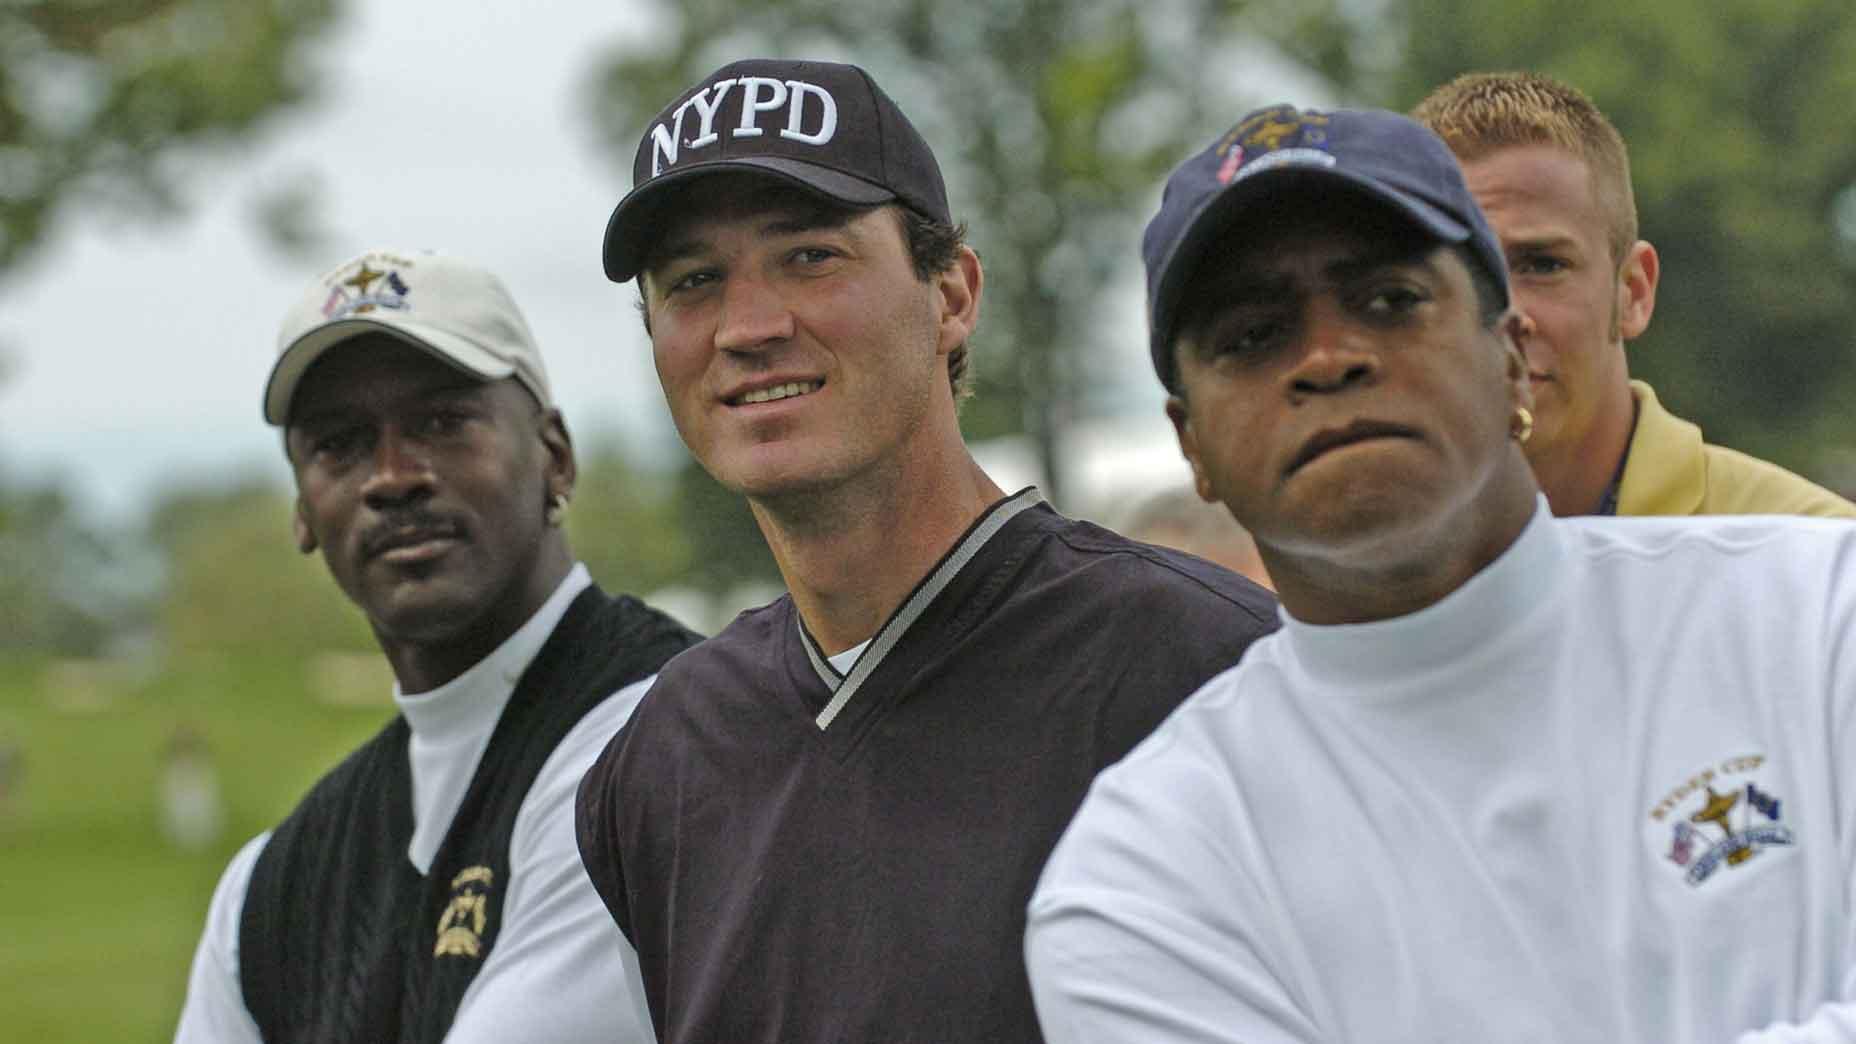 Michael Jordan, Mario Lemieux, Ahmad Rashad